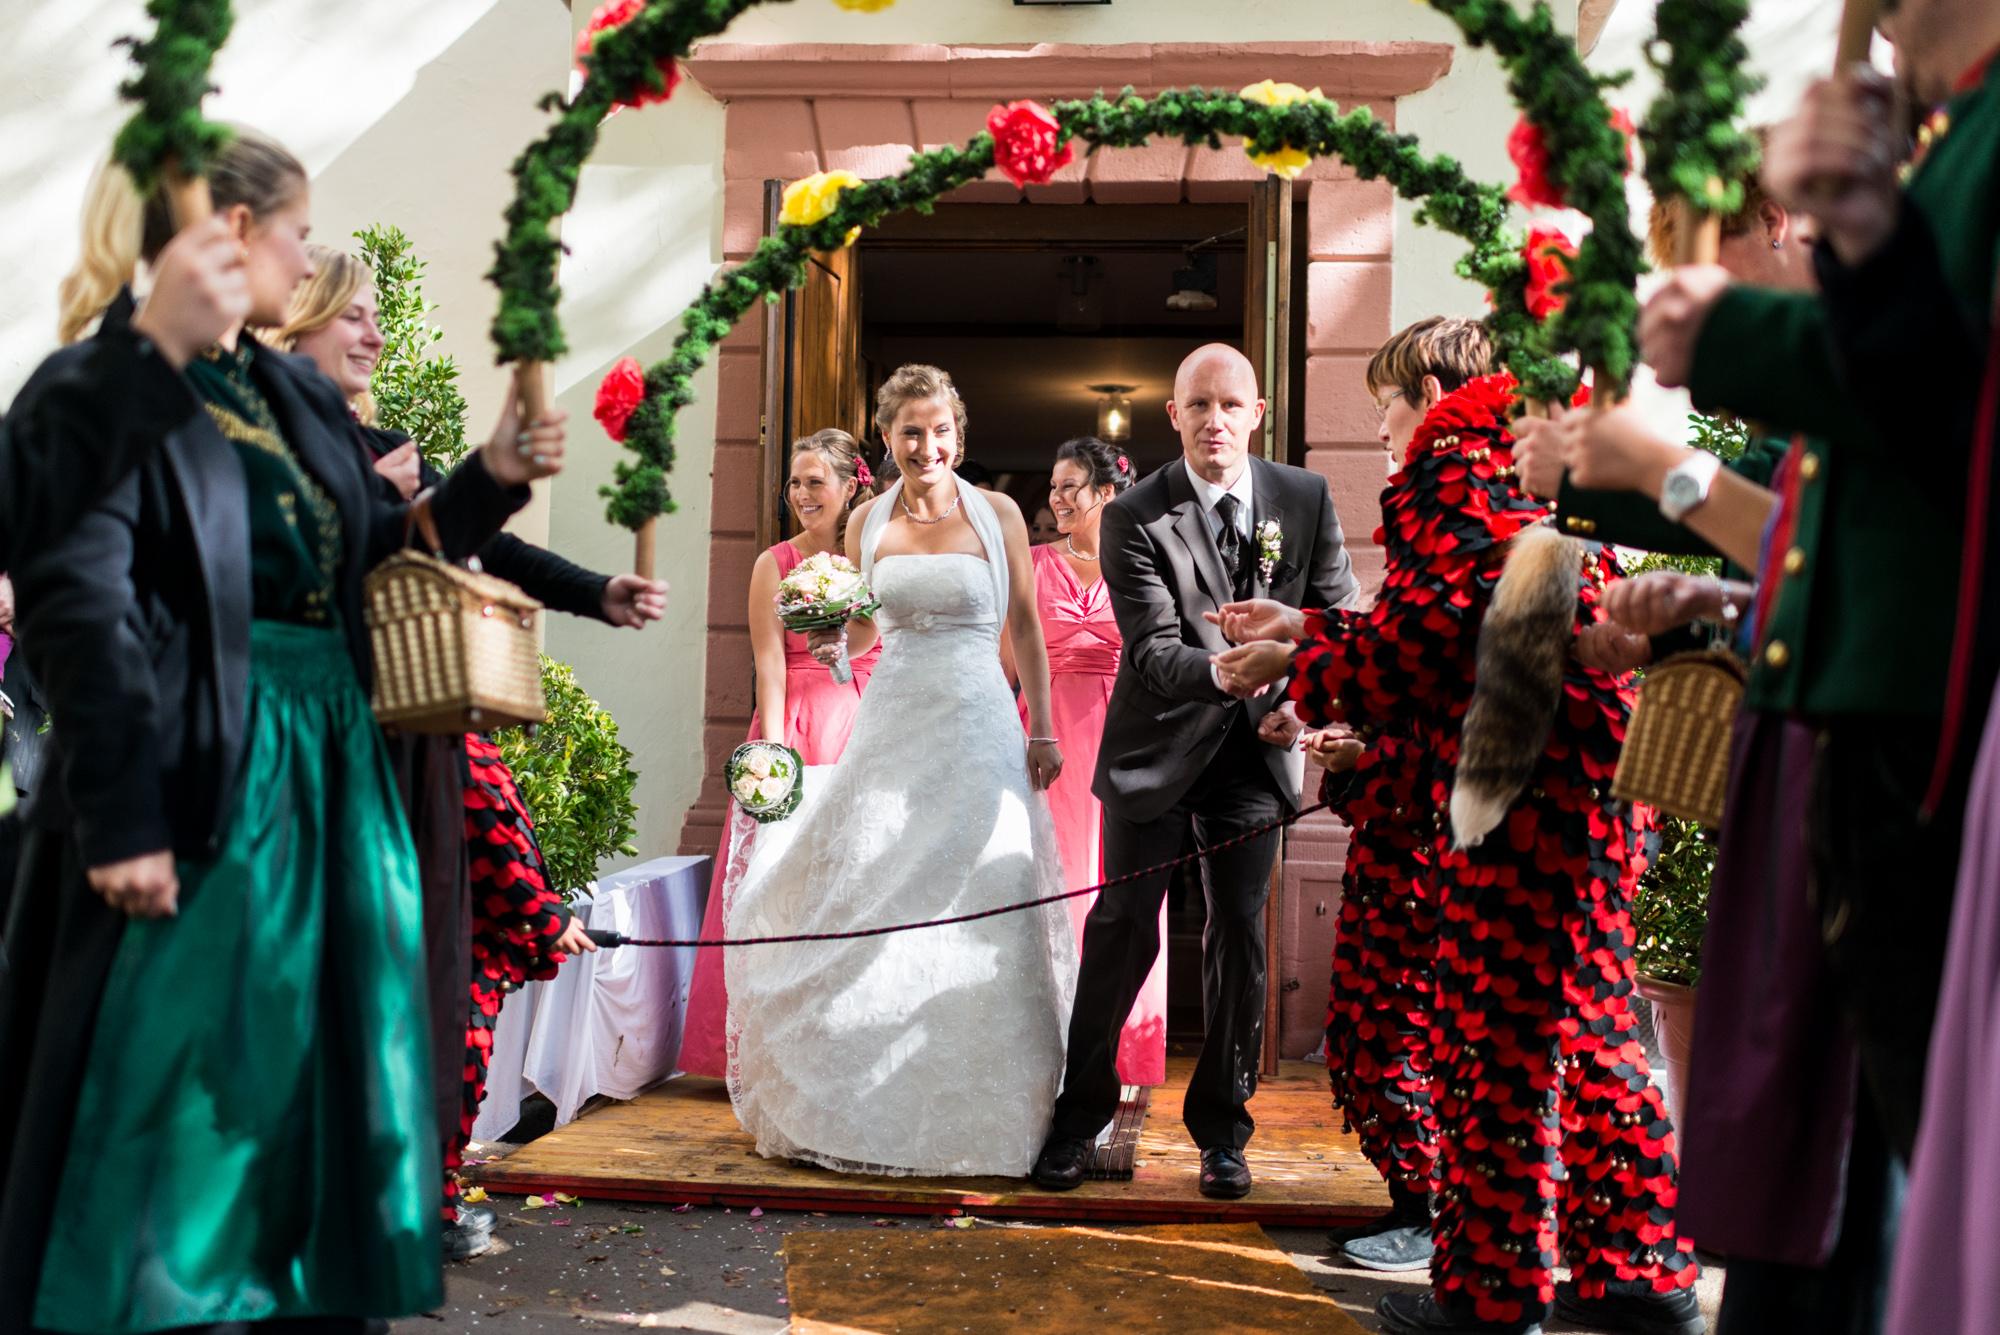 Fotograf Konstanz - Hochzeit Katja und Christian 80 - Als Hochzeitsfotograf in Bad Dürrheim unterwegs  - 35 -